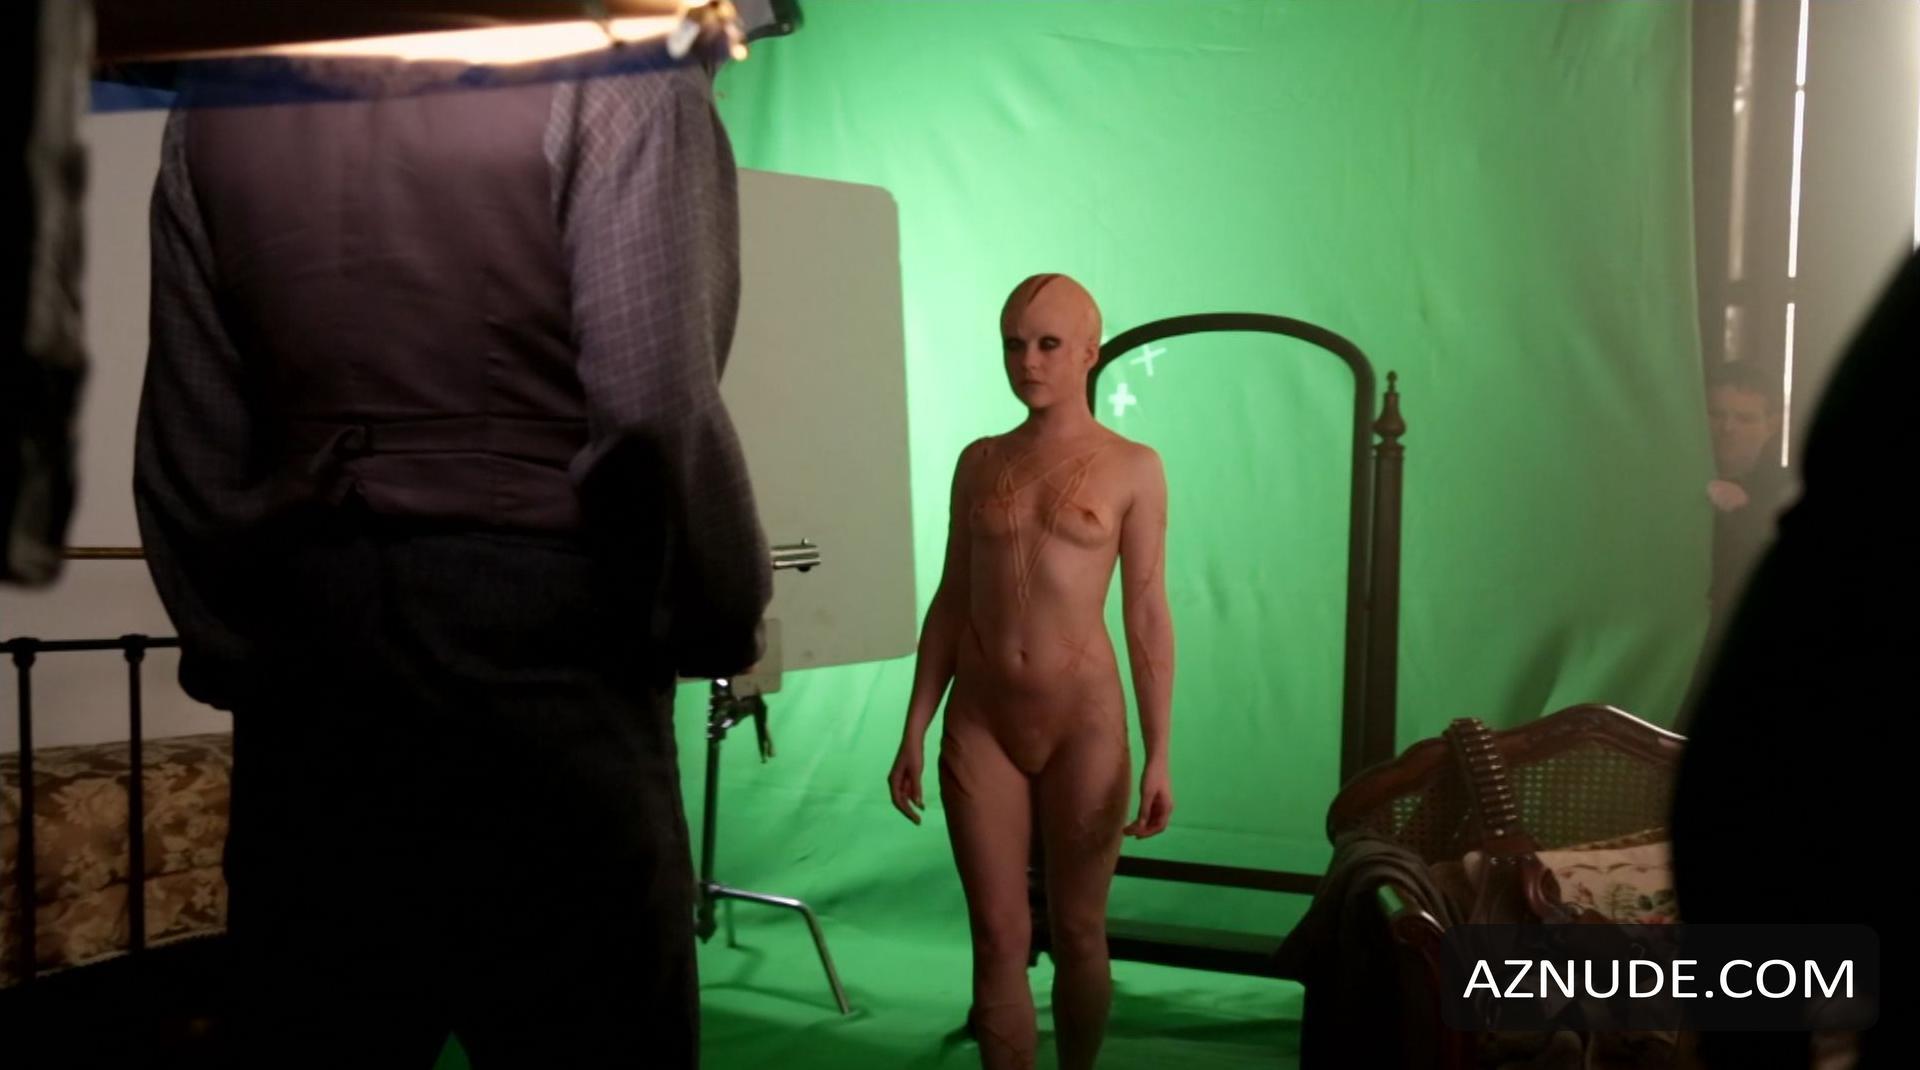 has jessica henwick ever been nude